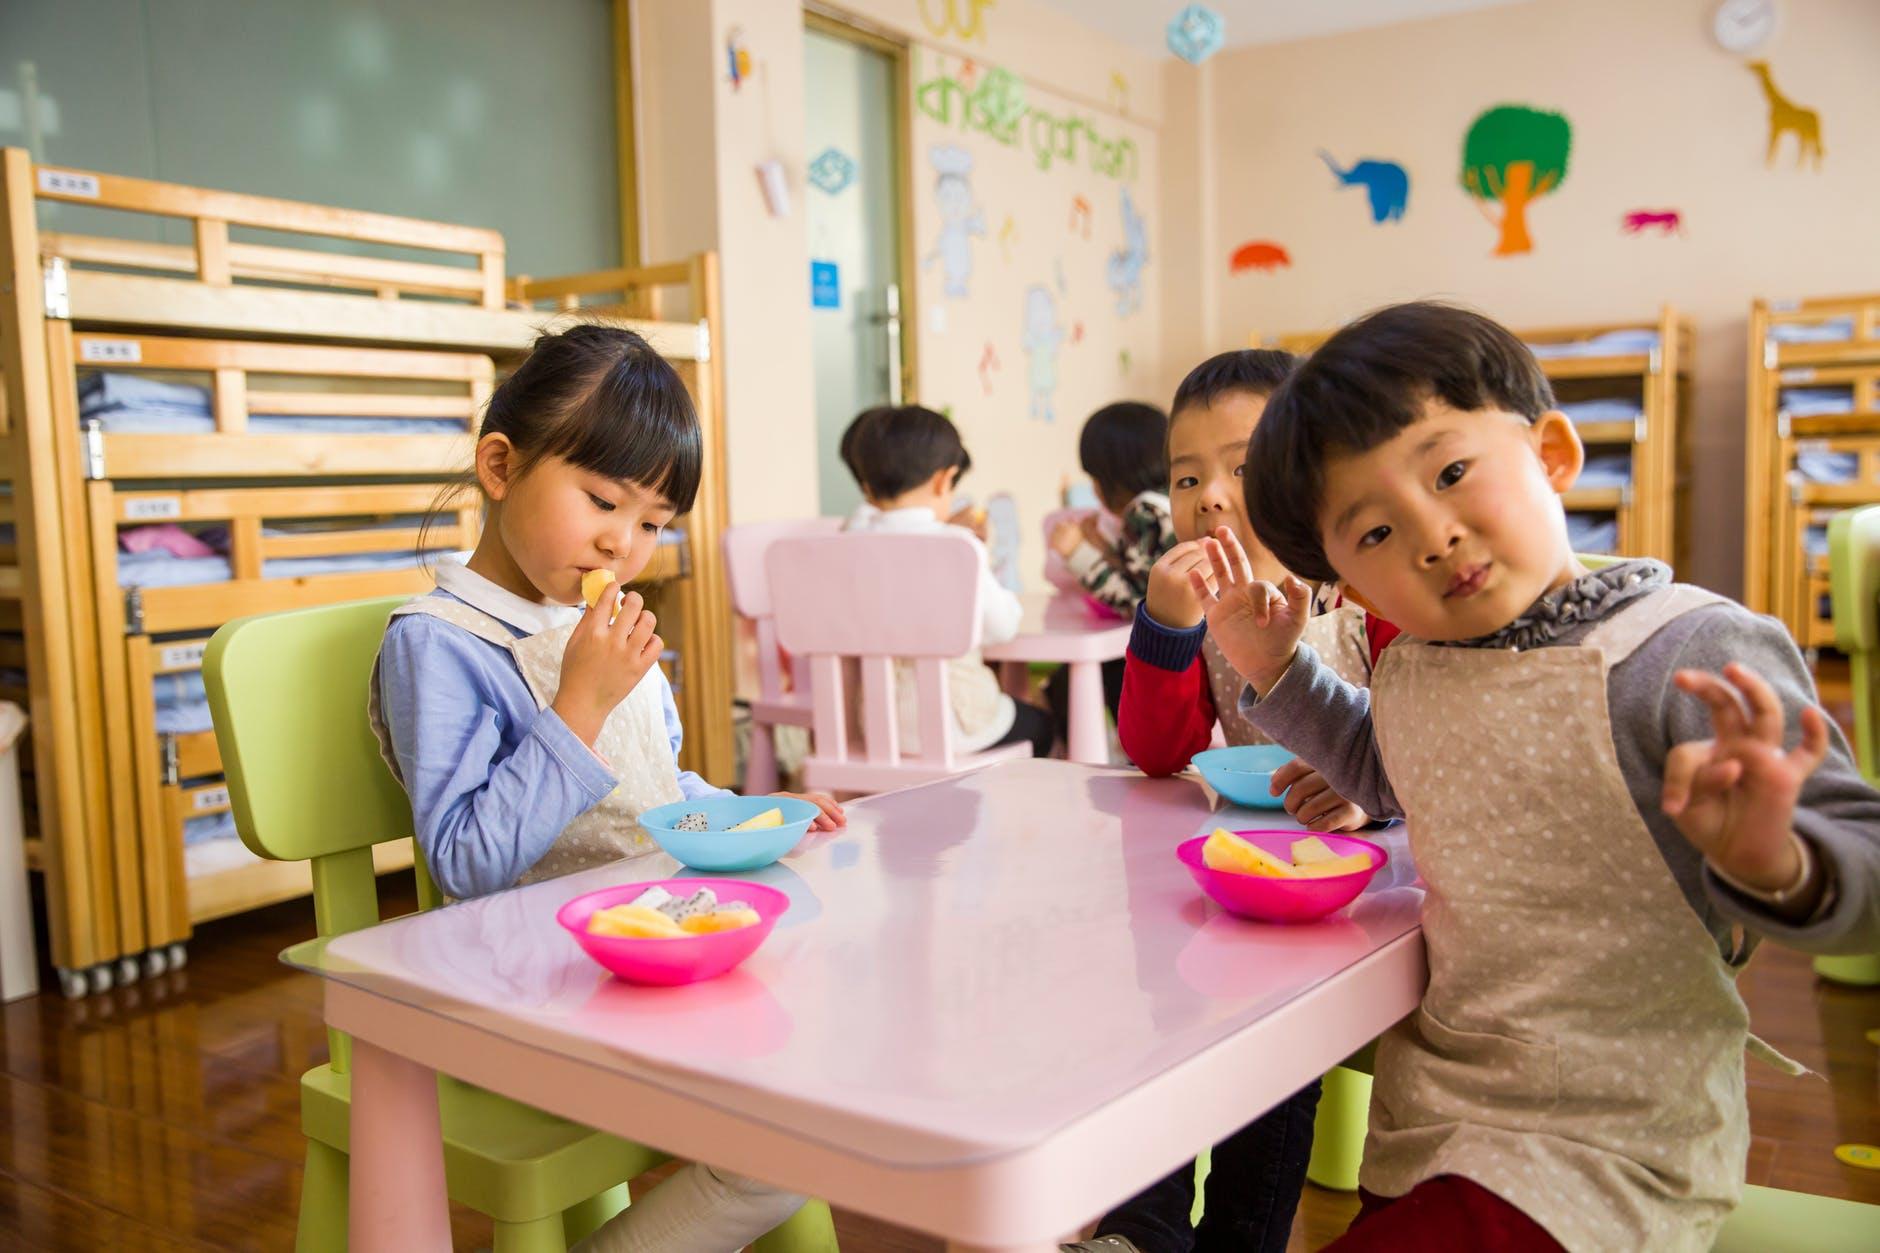 """保育园给孩子订立了这些""""吃饭规矩"""",孩子吃好饭家长真能省心很多▲!"""